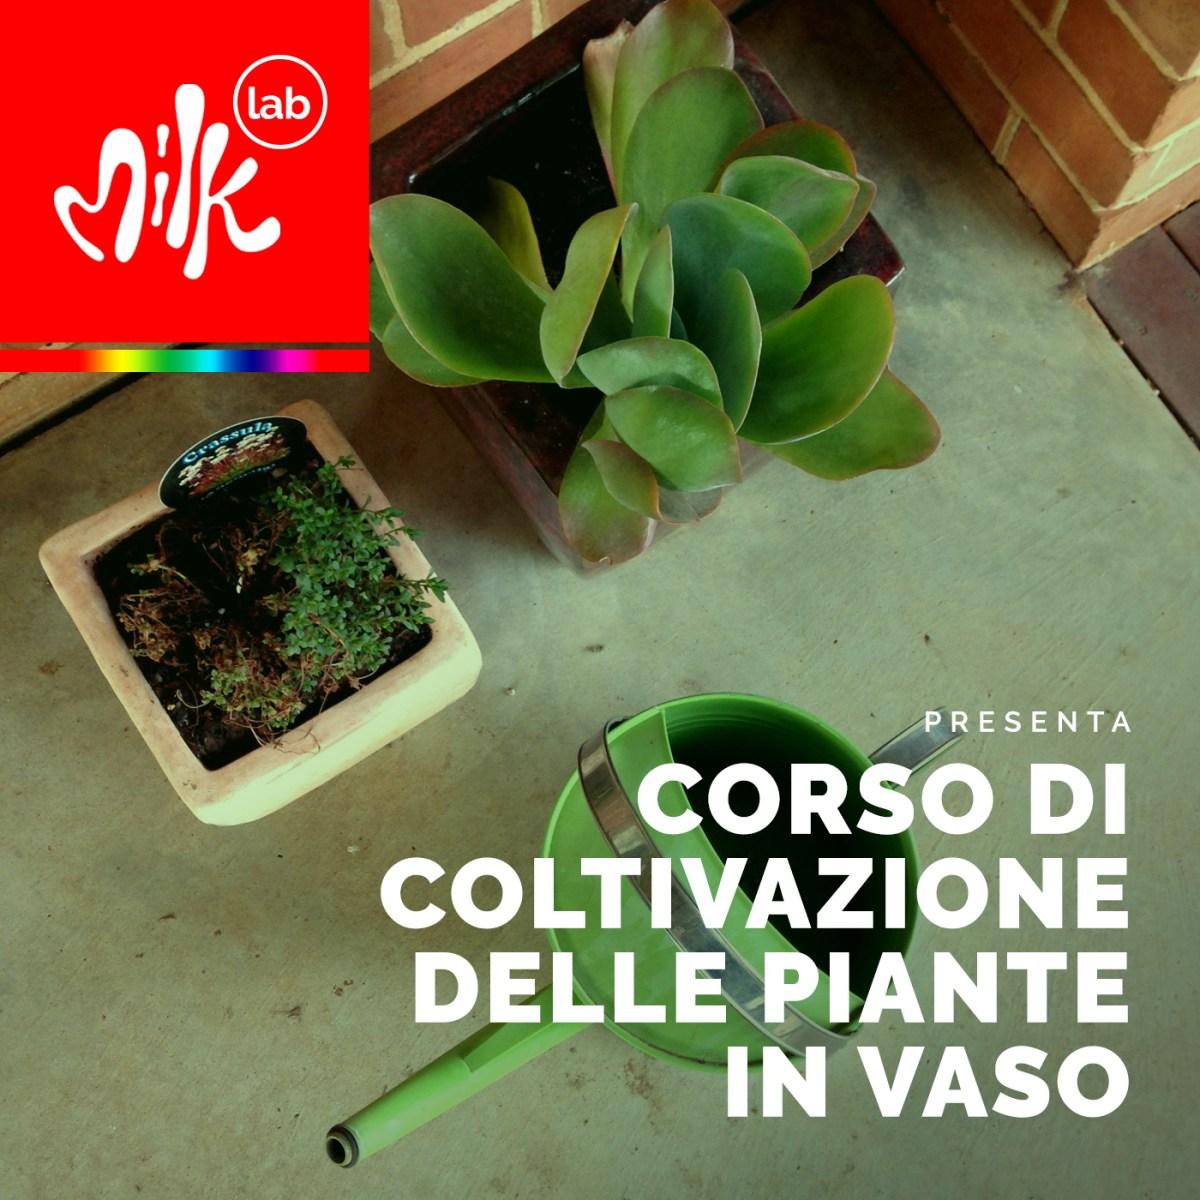 corso di coltivazione delle piante in vaso